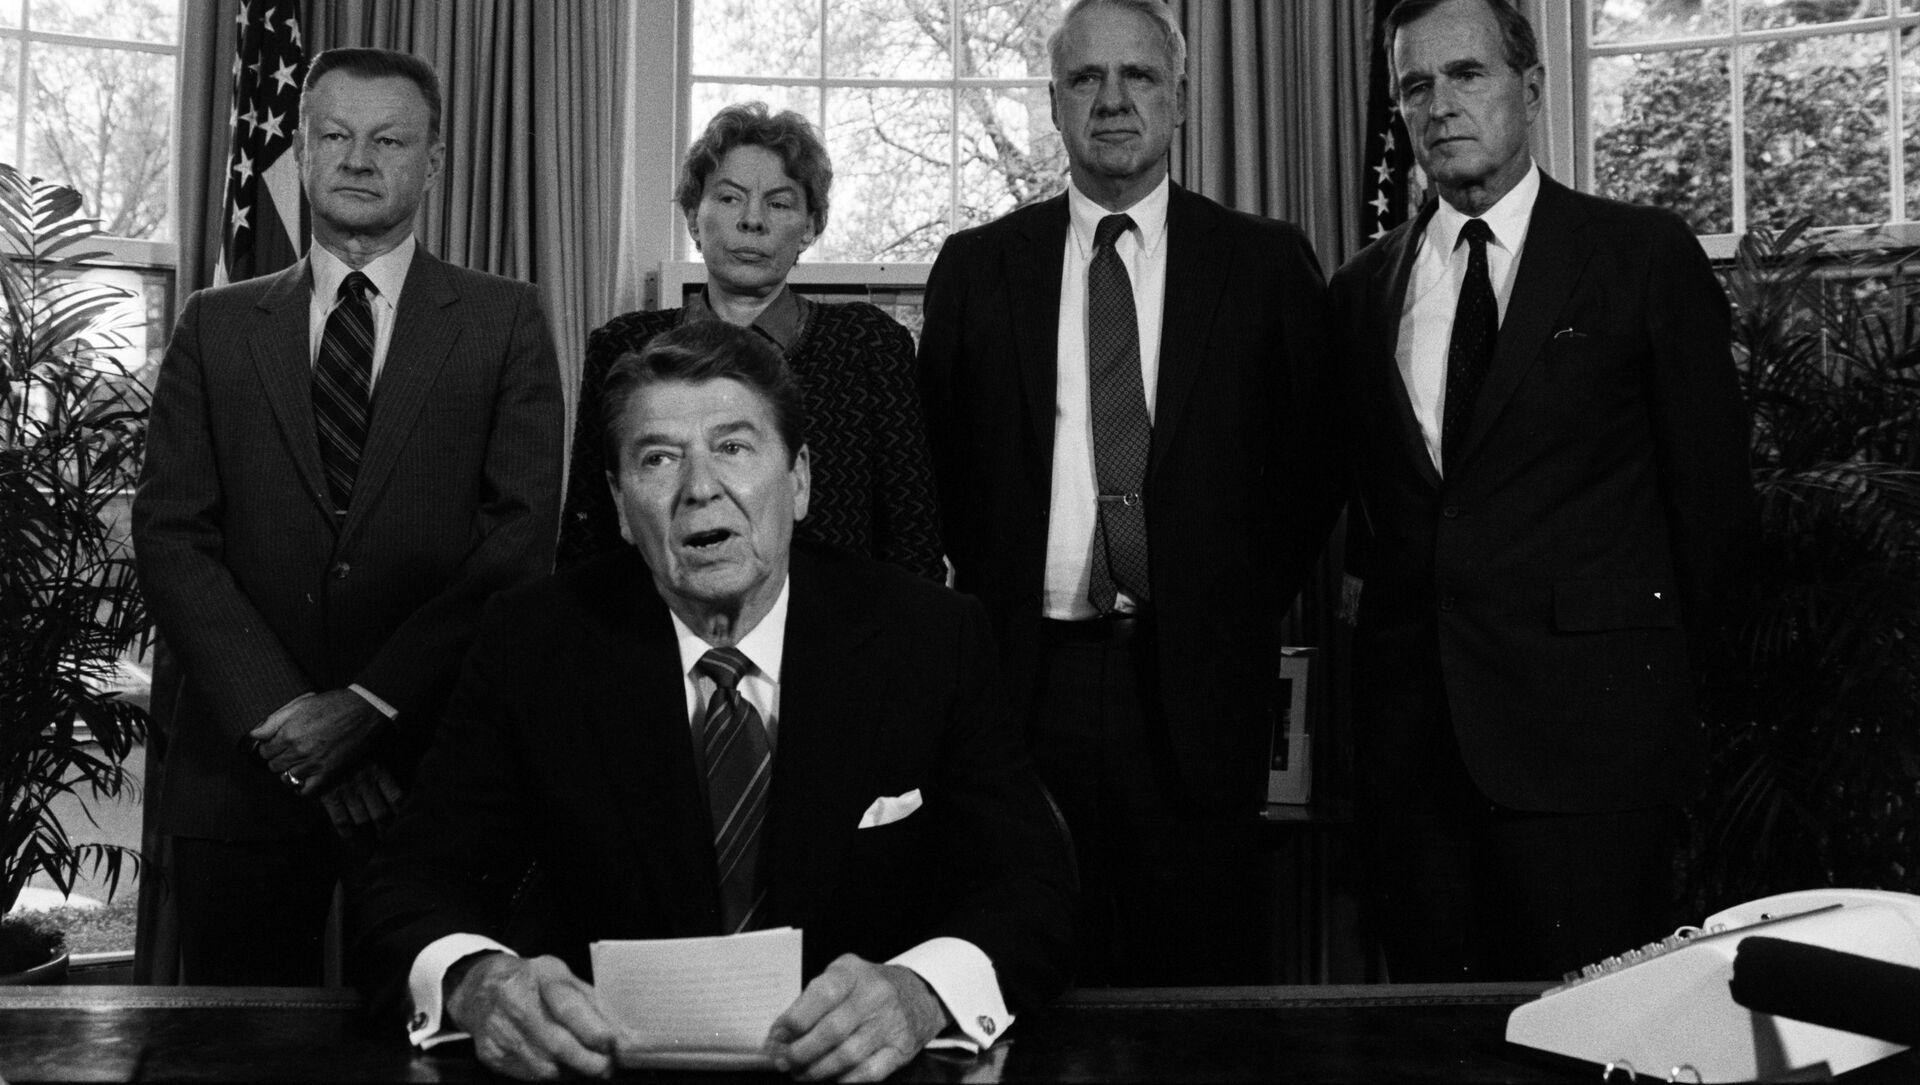 El presidente Ronald Reagan en un encuentro en la Casa Blanca con los líderes conservadores de la defensa (archivo) - Sputnik Mundo, 1920, 18.01.2021